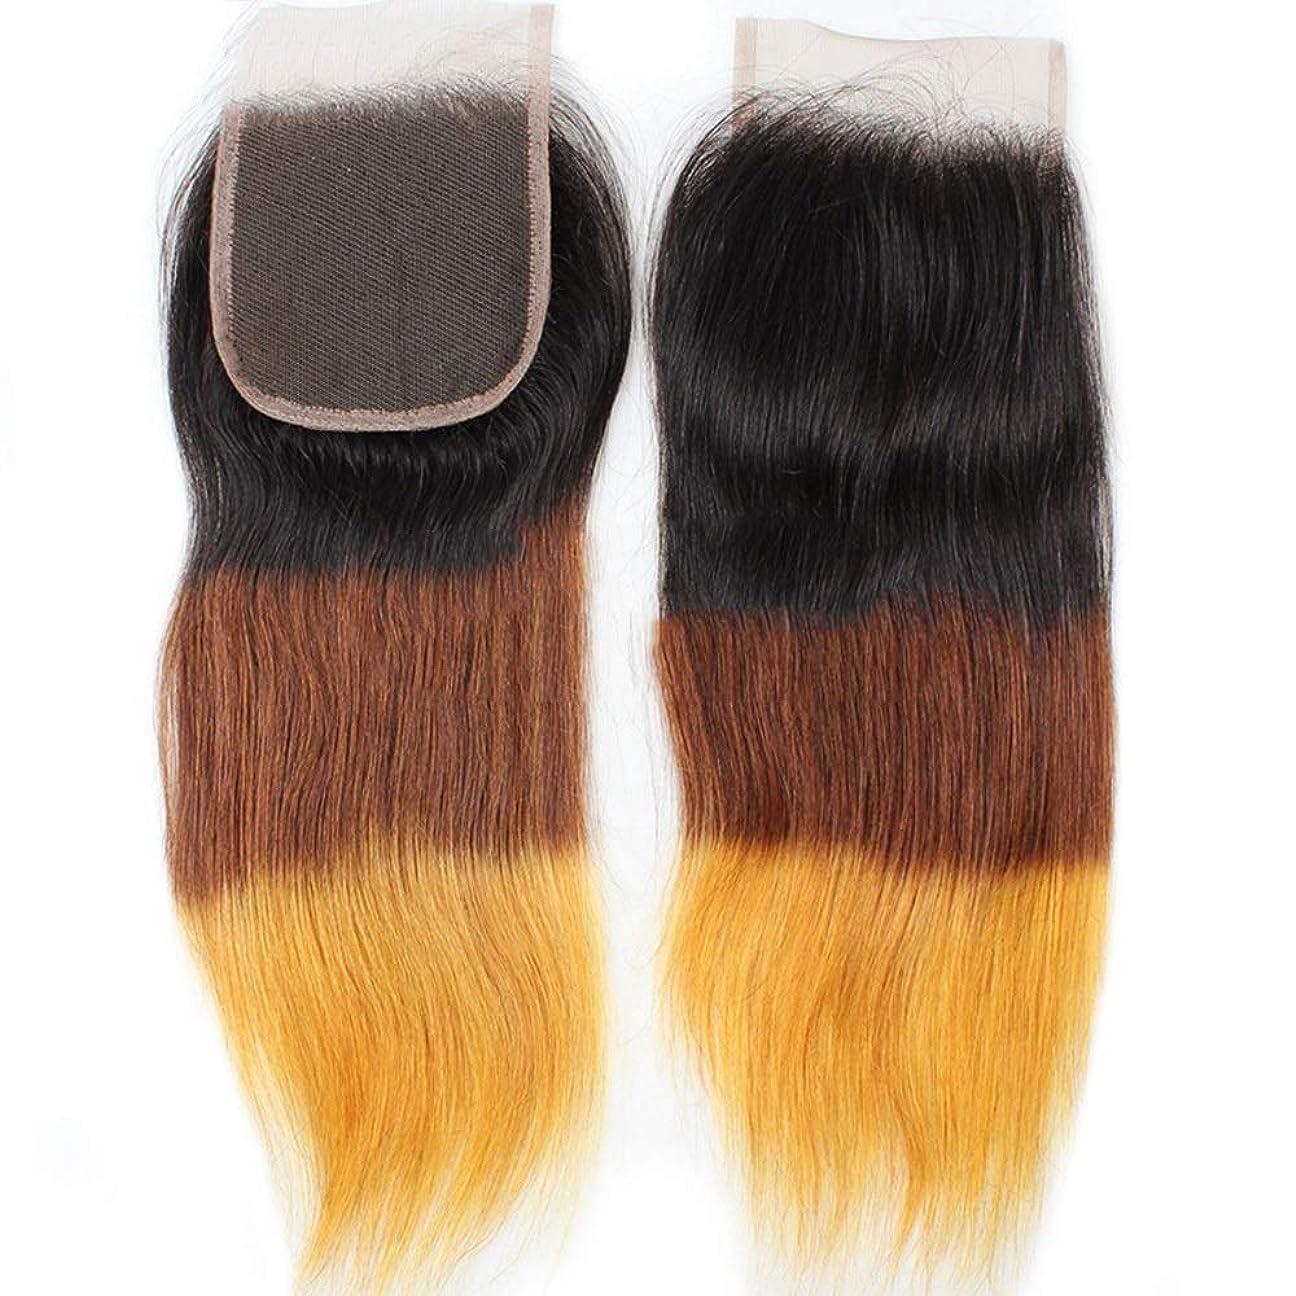 式瞳膿瘍HOHYLLYA 4×4レース前頭閉鎖無料部分耳から耳9Aブラジルストレートヘアグラデーションカラー人間の髪の毛の合成髪レースかつらロールプレイングウィッグロングとショートの女性自然 (色 : ブラウン, サイズ : 10 inch)